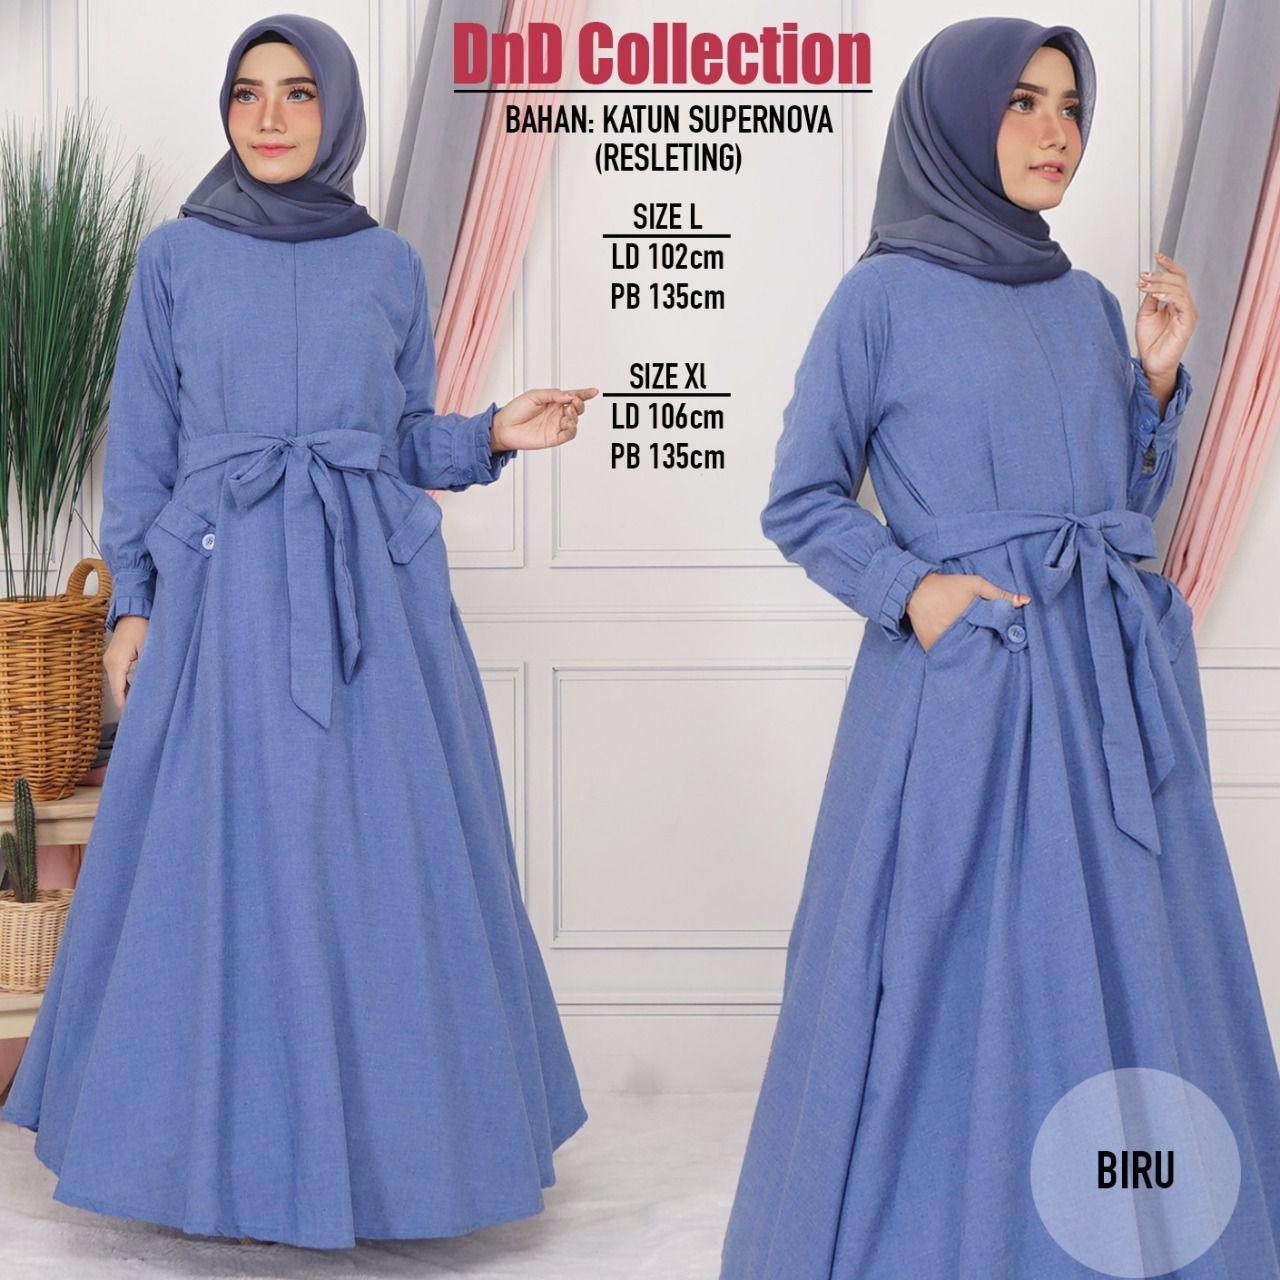 Dnd Cod Promo Gamis Murah Bahan Katun Supernova Baju Gamis Gamis Wanita Baju Muslimah Dress Muslimah Fashion Muslimah Gamis Jumbo Gamis Kerja